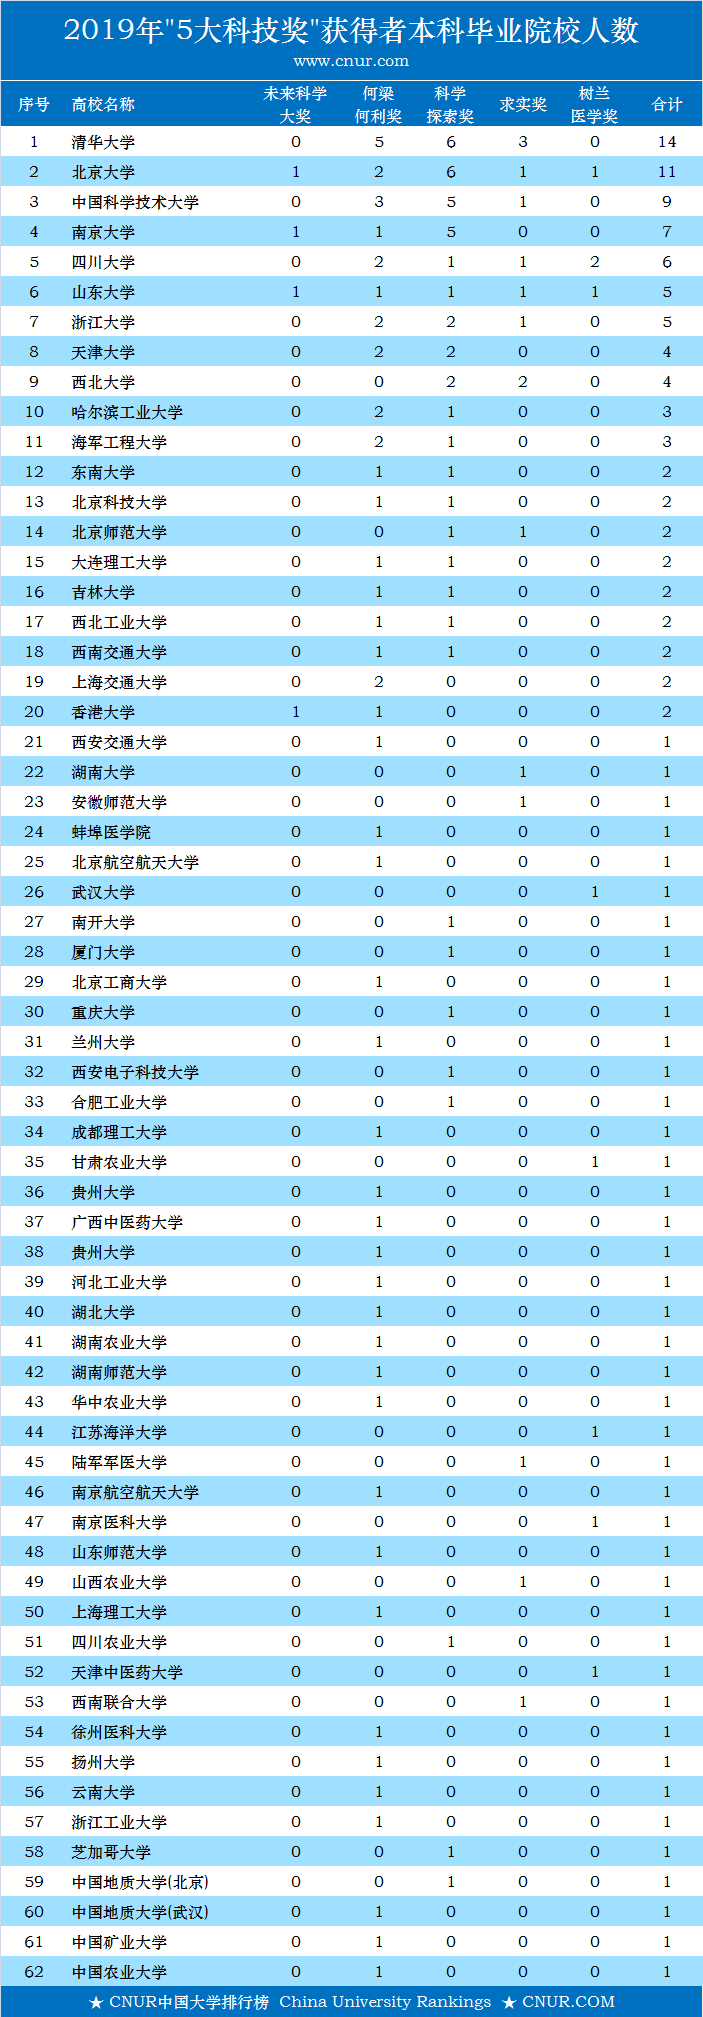 """2019年中国大学""""5大奖""""本科校友获奖数量排名-第1张图片-中国大学排行榜"""